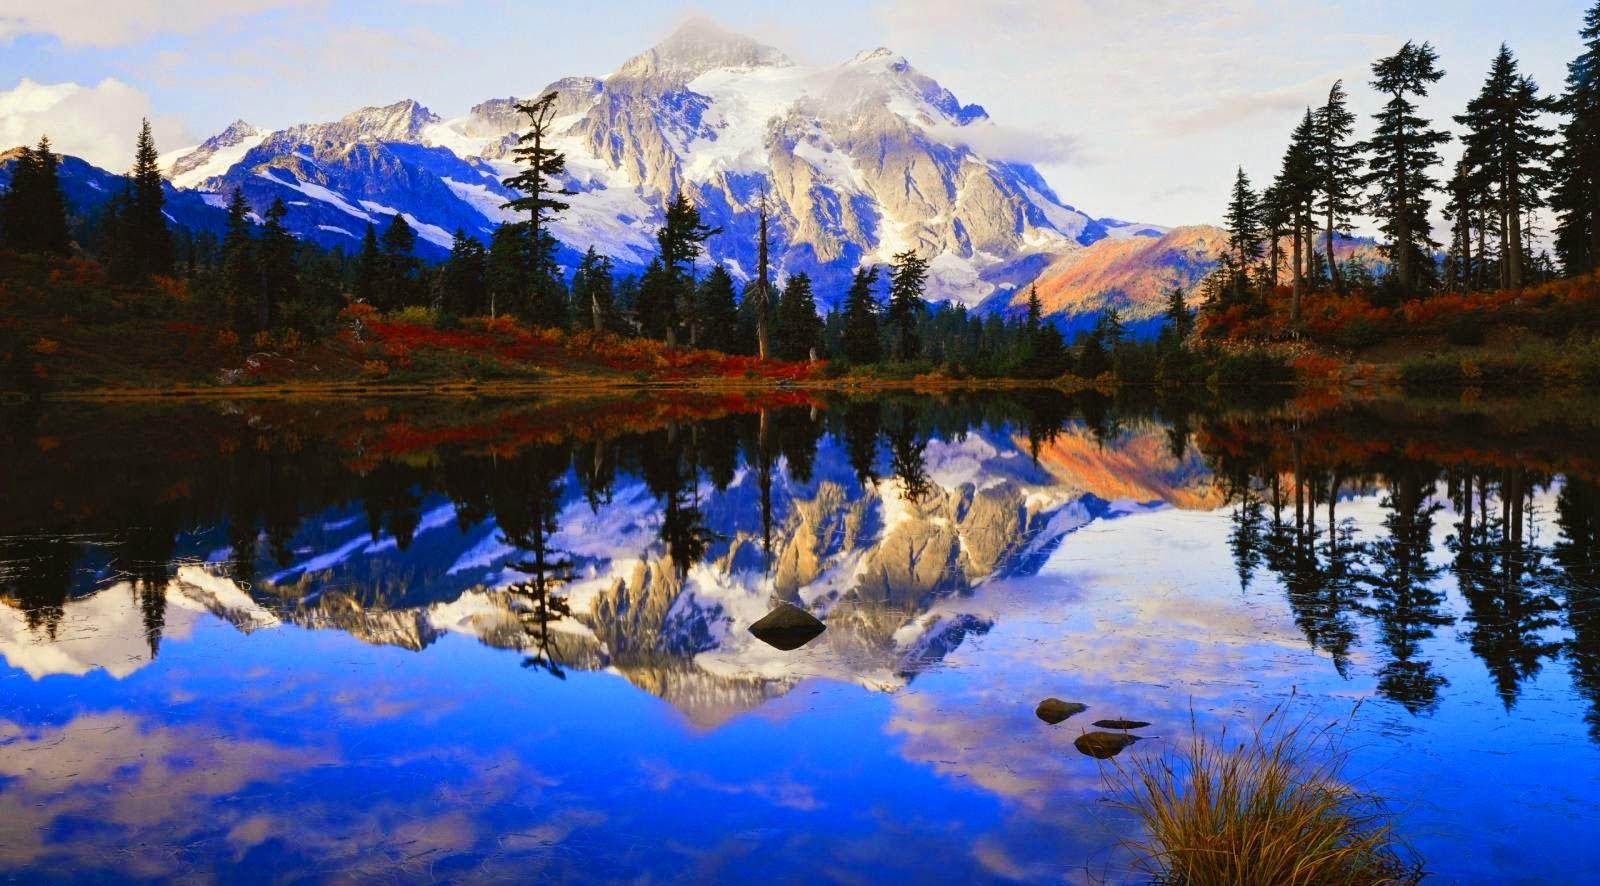 Highland lakes free screensaver 1.0.1